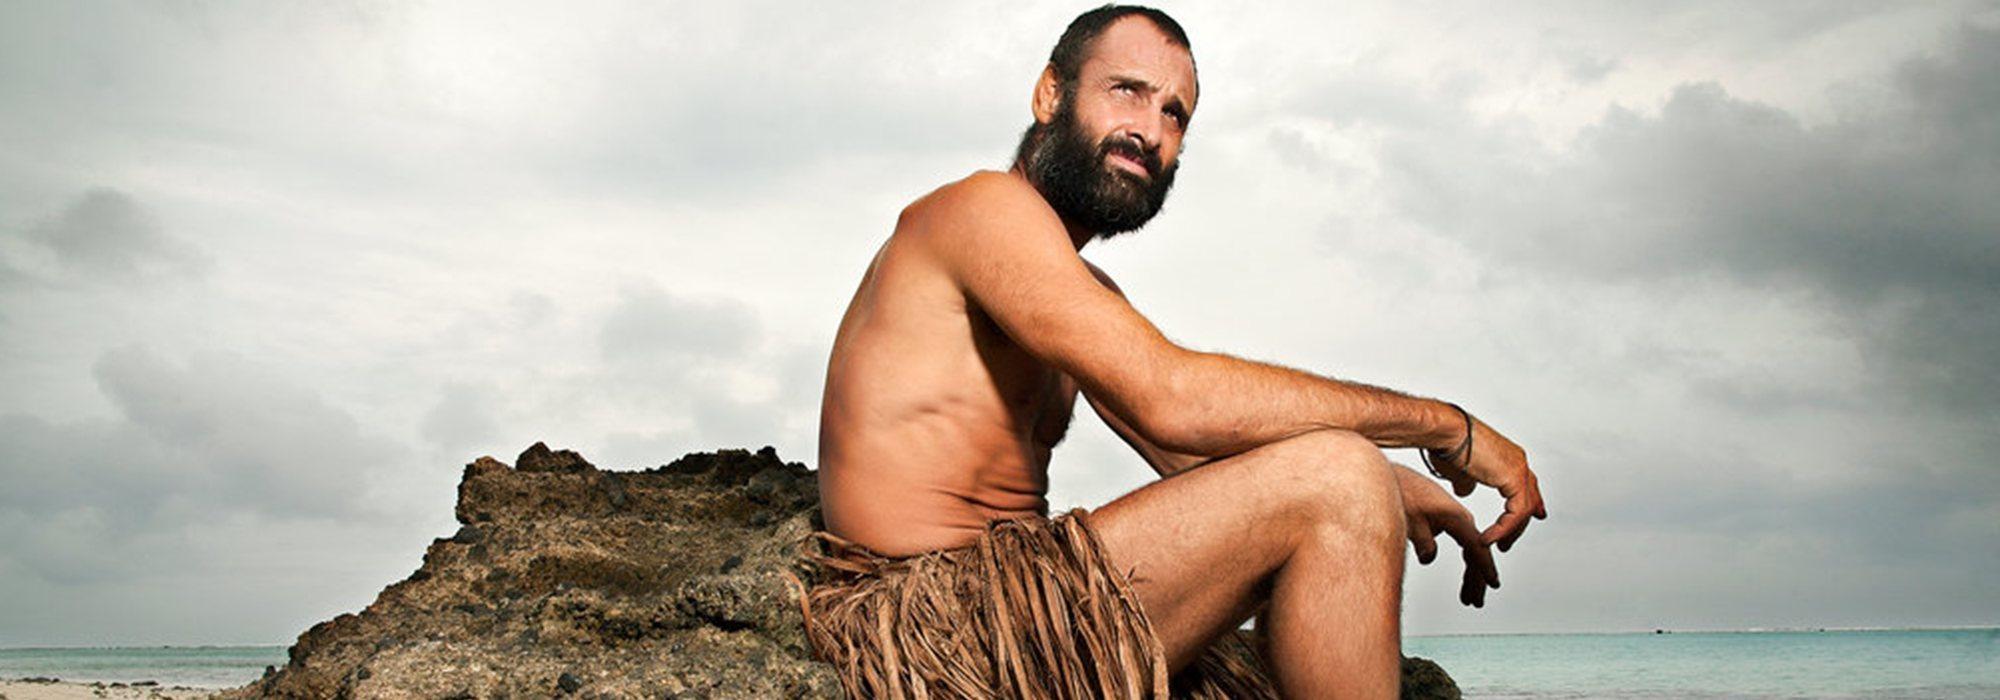 De 'Adán y Eva' a 'Aventura en pelotas': 7 realities que aprovecharon el nudismo en televisión